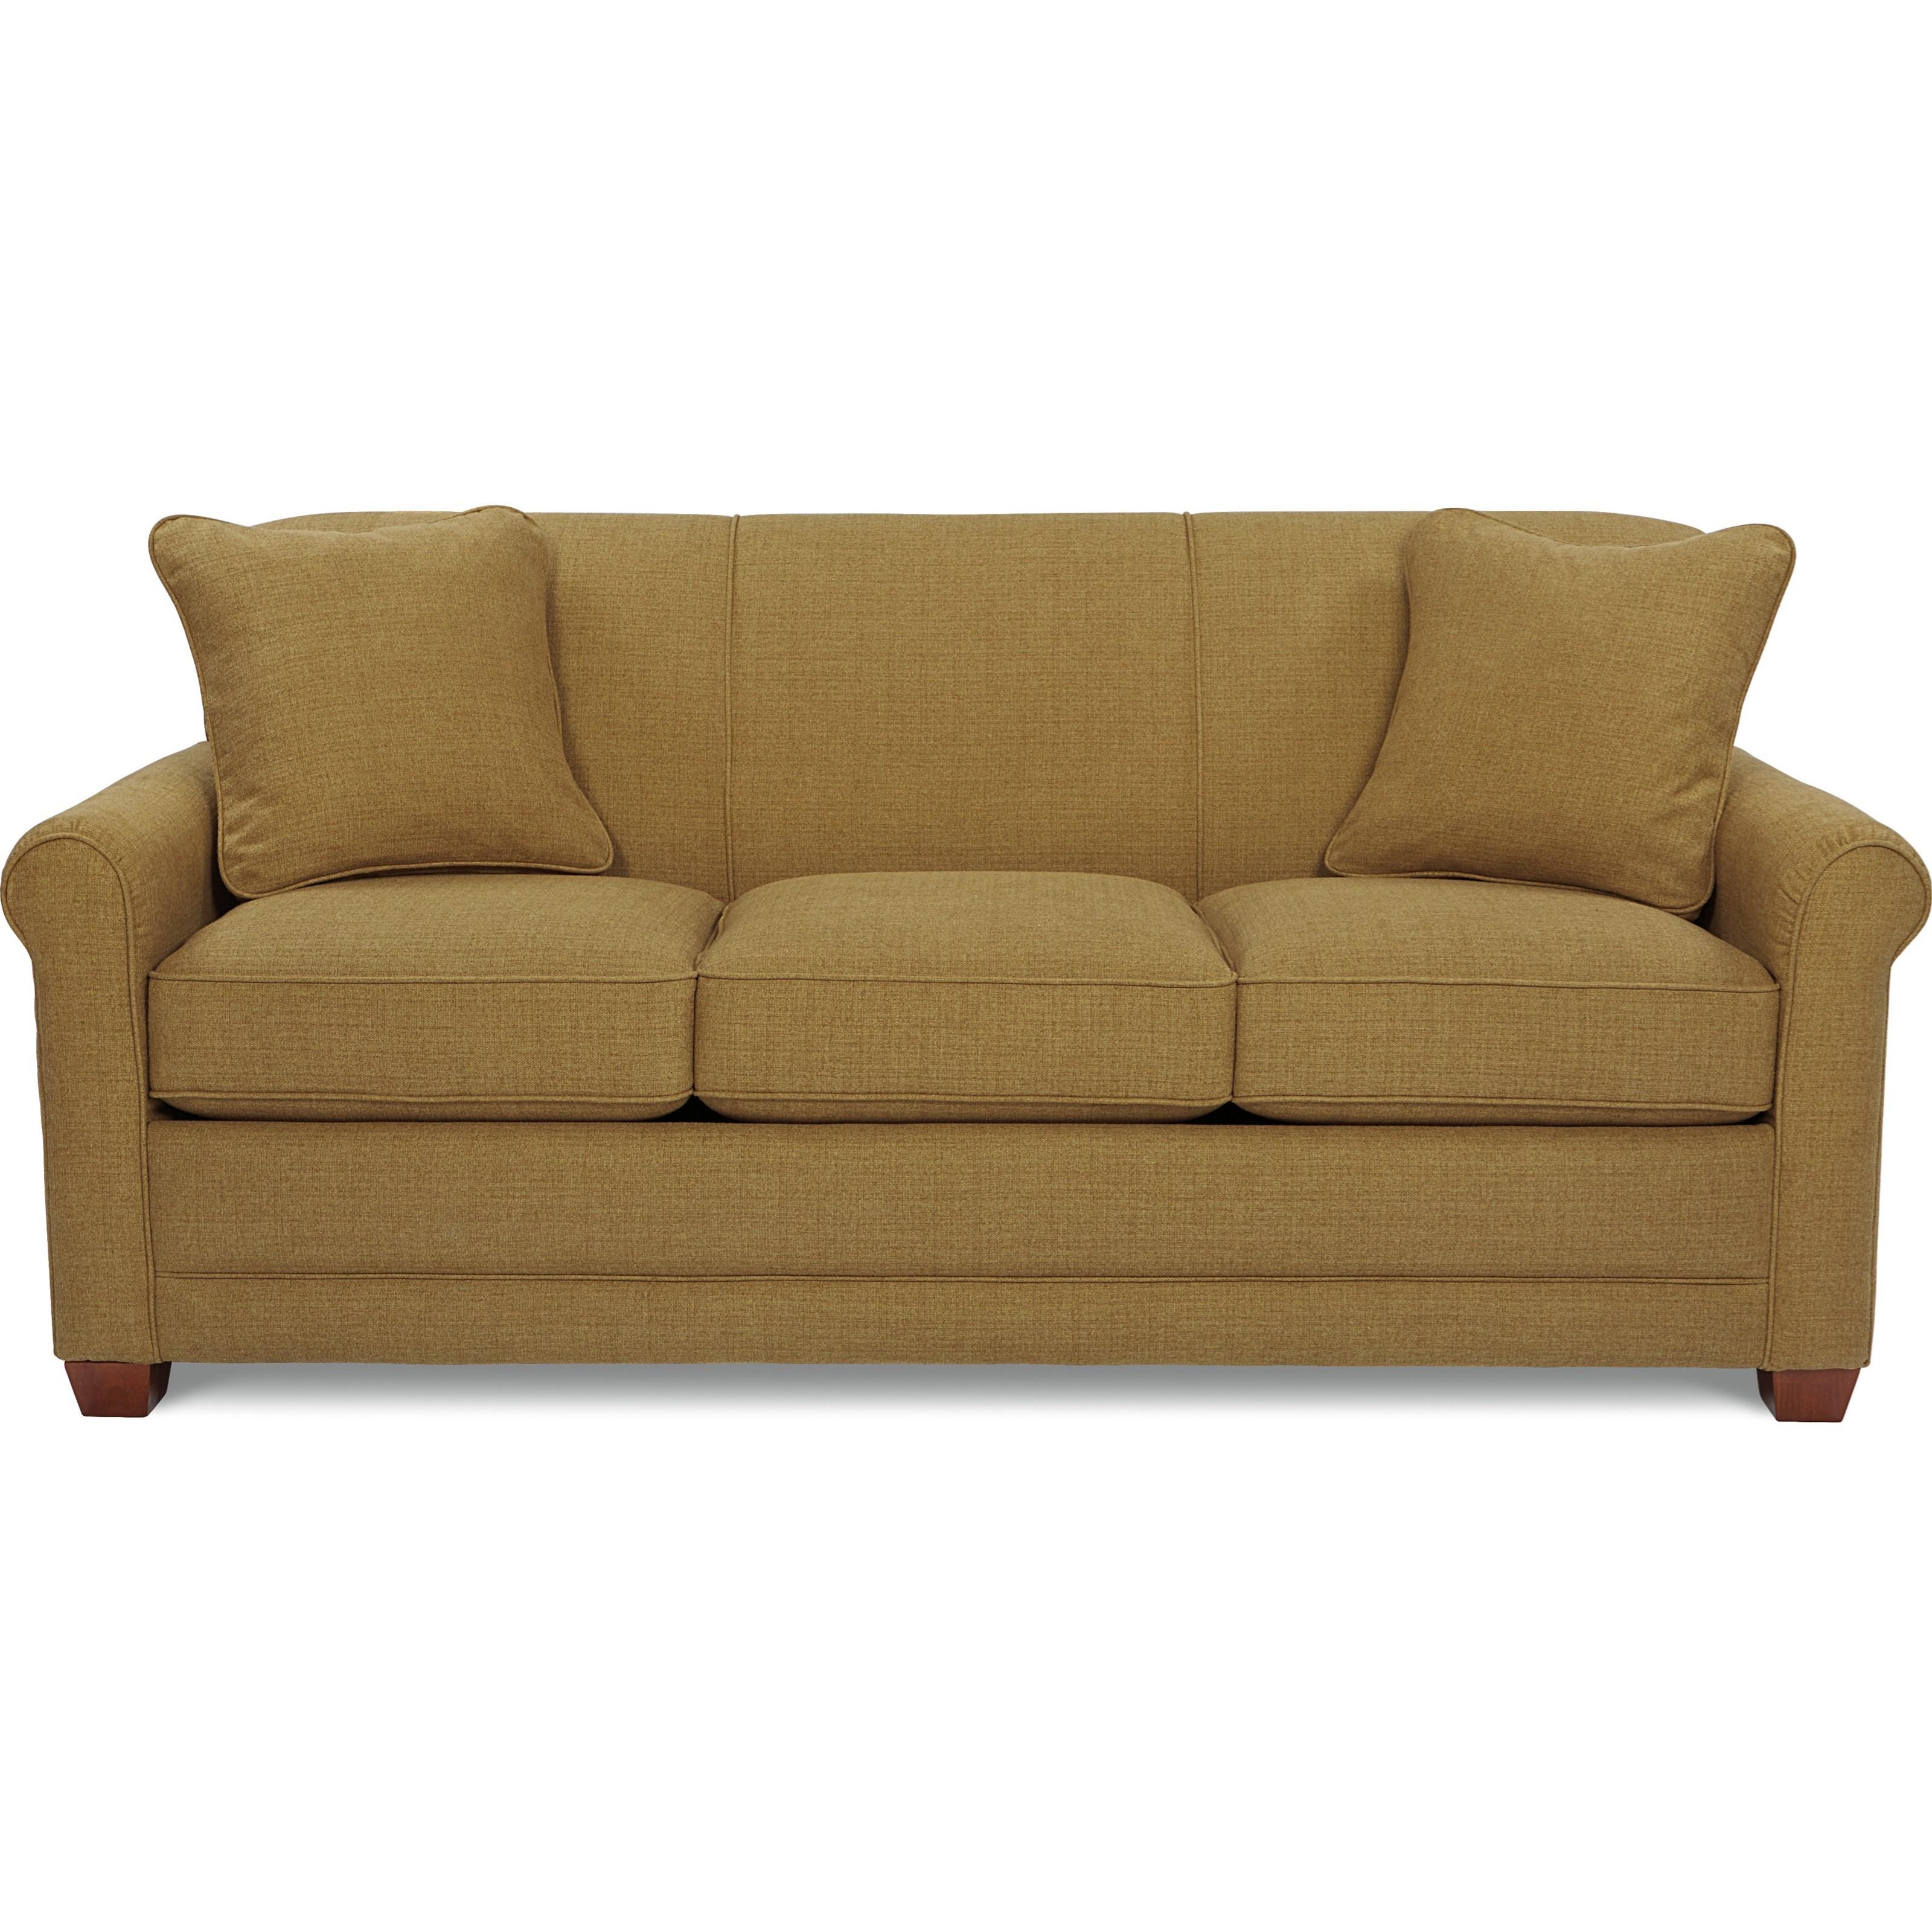 Amanda Queen Sleeper Sofa by La-Z-Boy at Houston's Yuma Furniture